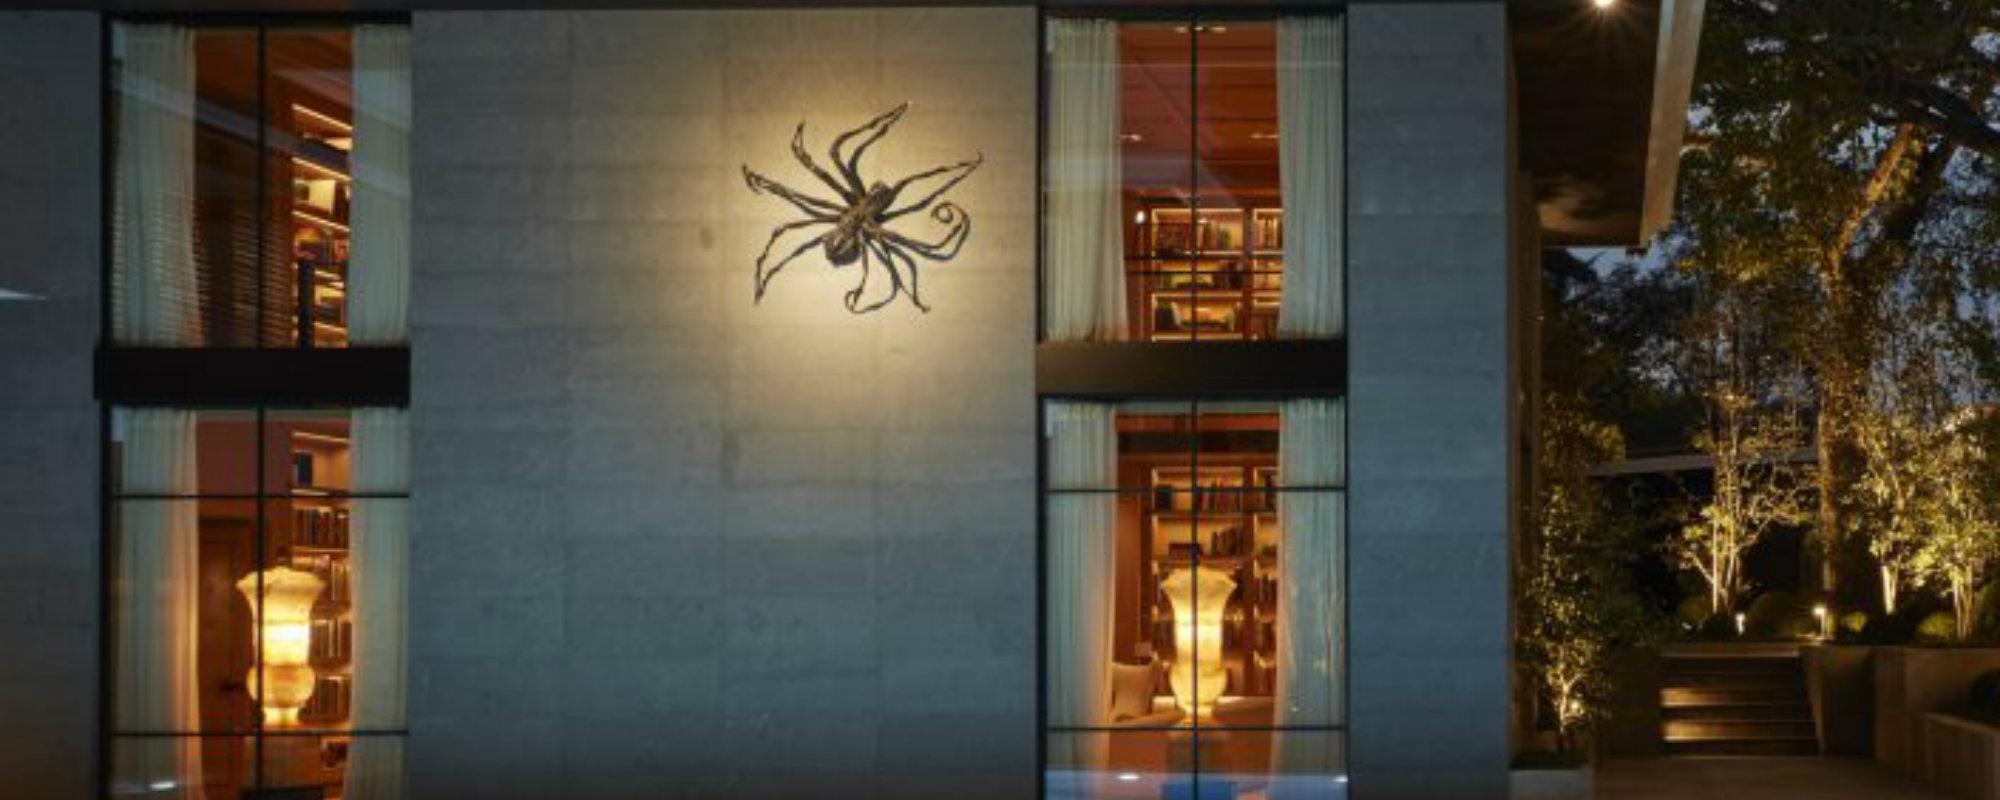 Luis Bustamante: Un estudio de interiorismo de lujo en Madrid luis bustamante Luis Bustamante: Un estudio de interiorismo de lujo en Madrid Featured 13